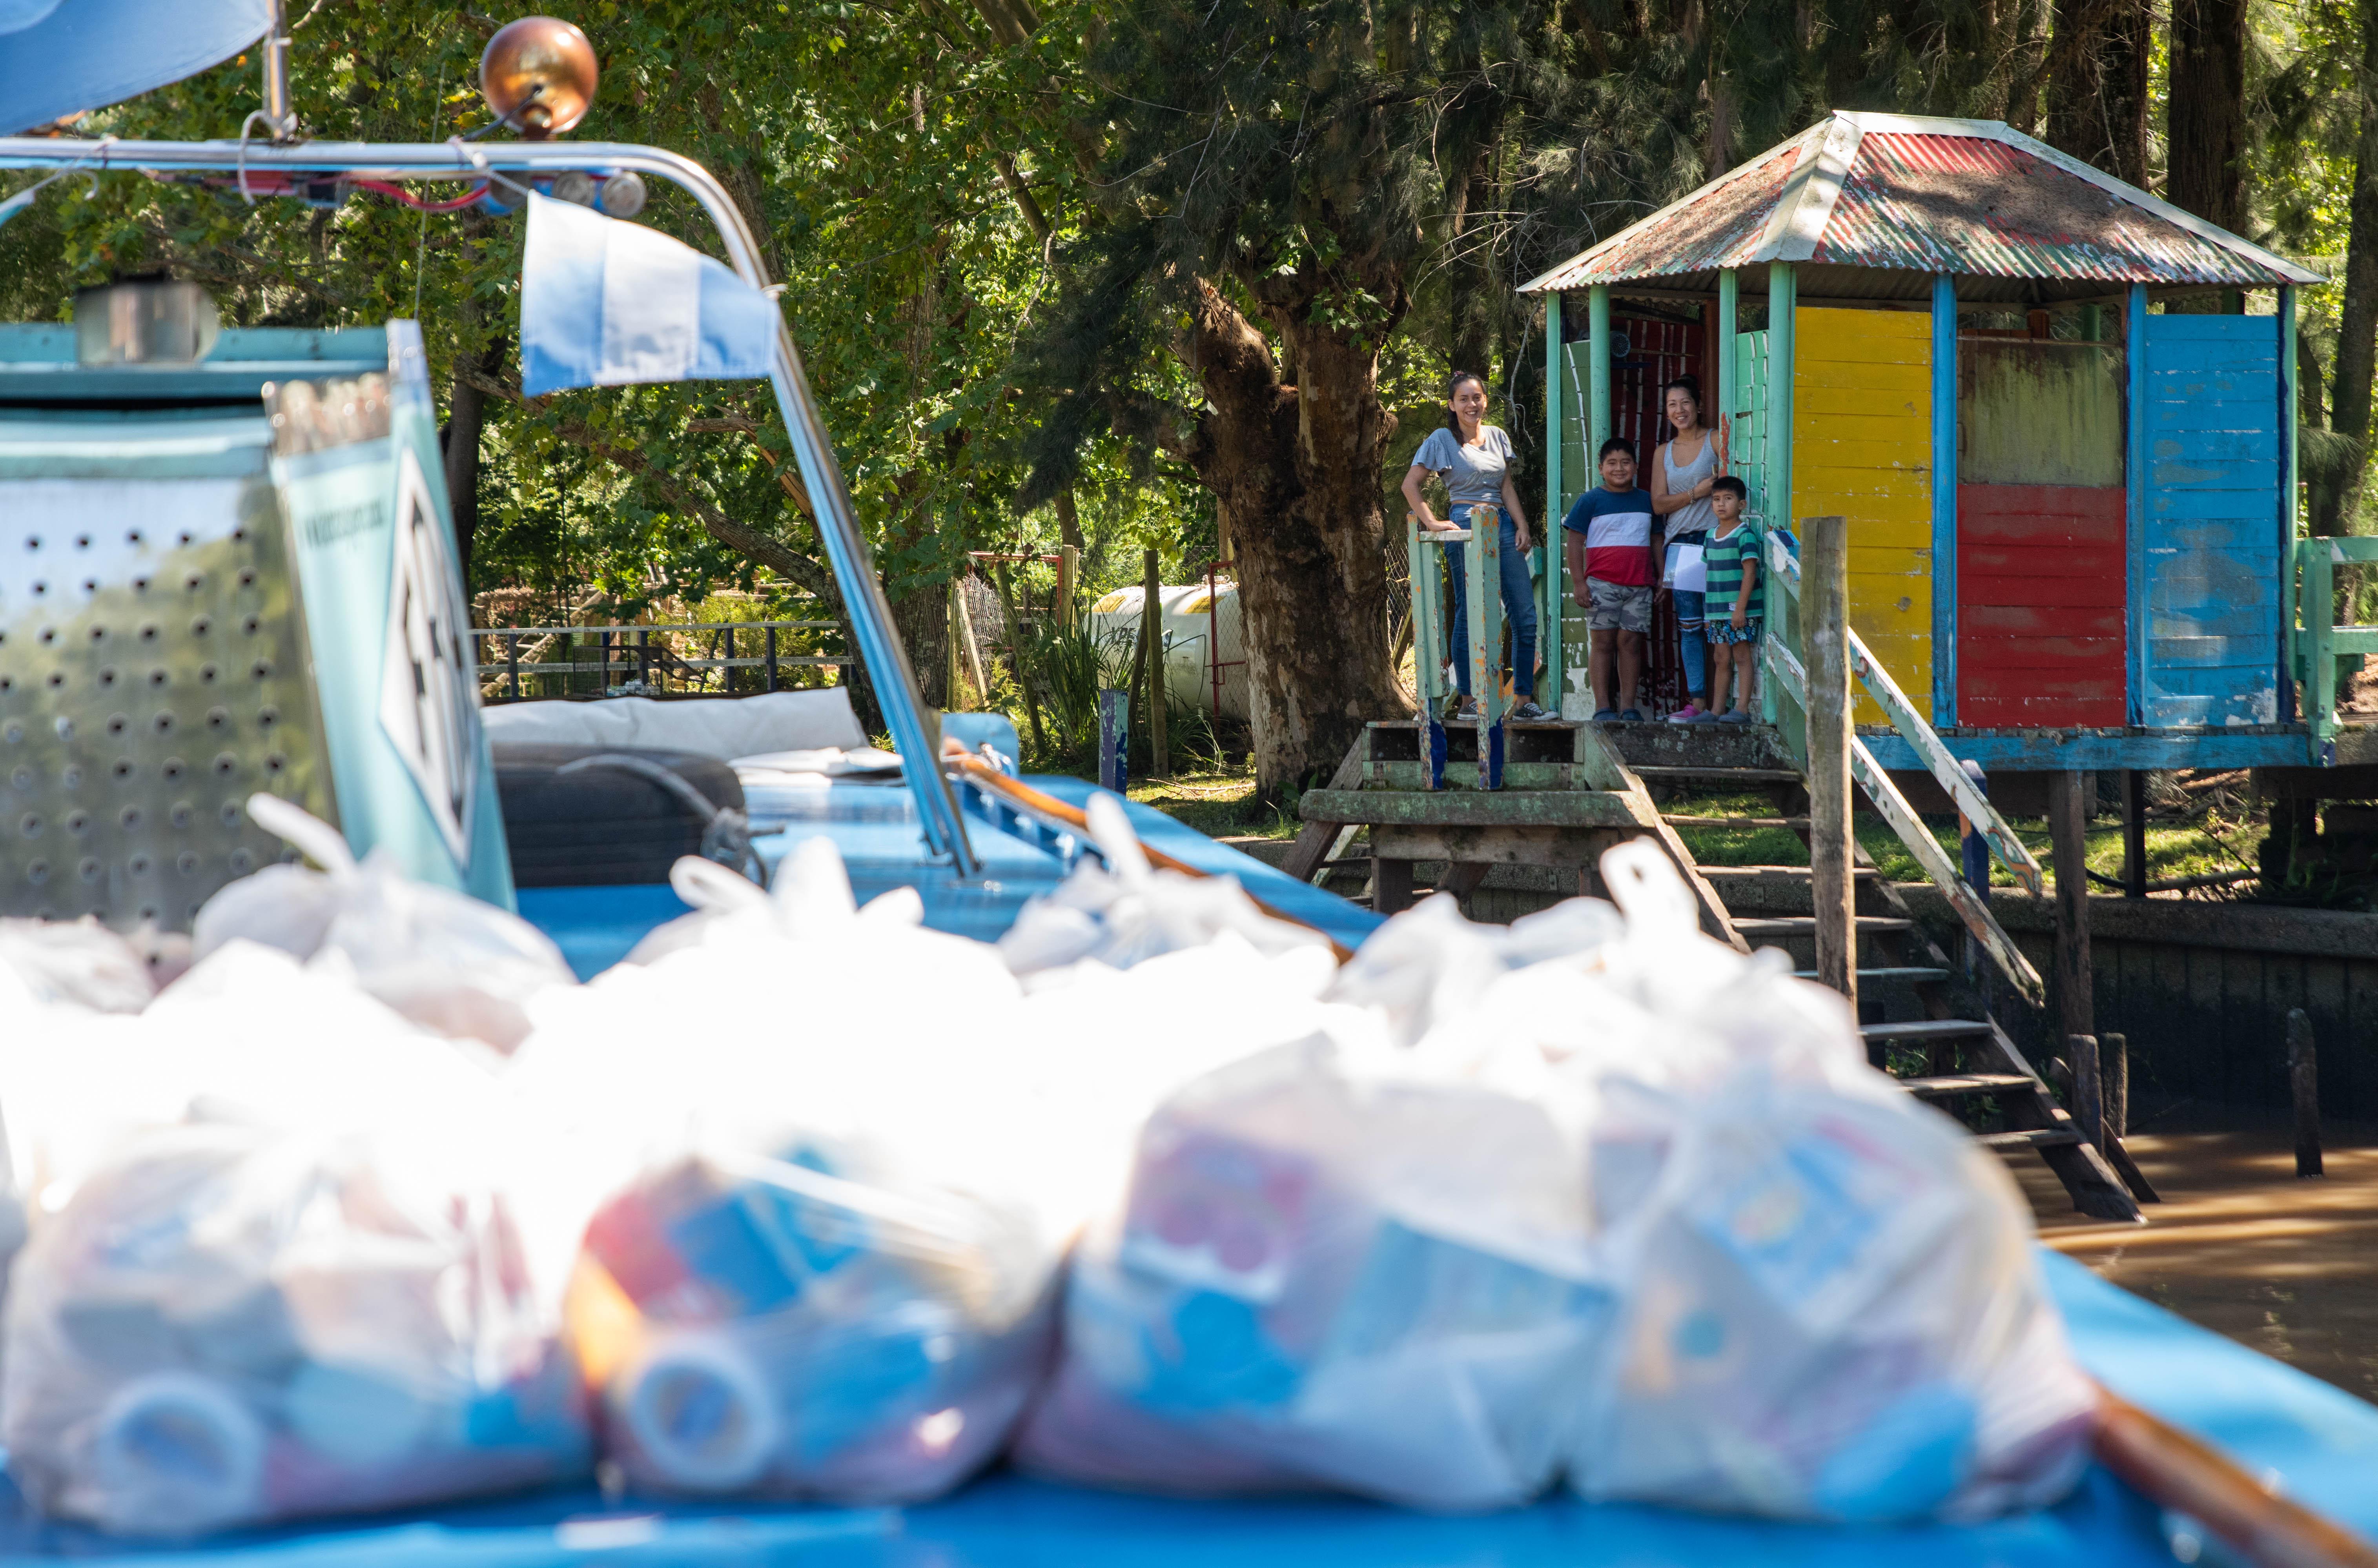 Una familia espera en el muelle, frente a su casa, que los docentes lleguen a entregarles los bolsones de alimentos y libros escolares. (Foto: Franco Fafasuli)